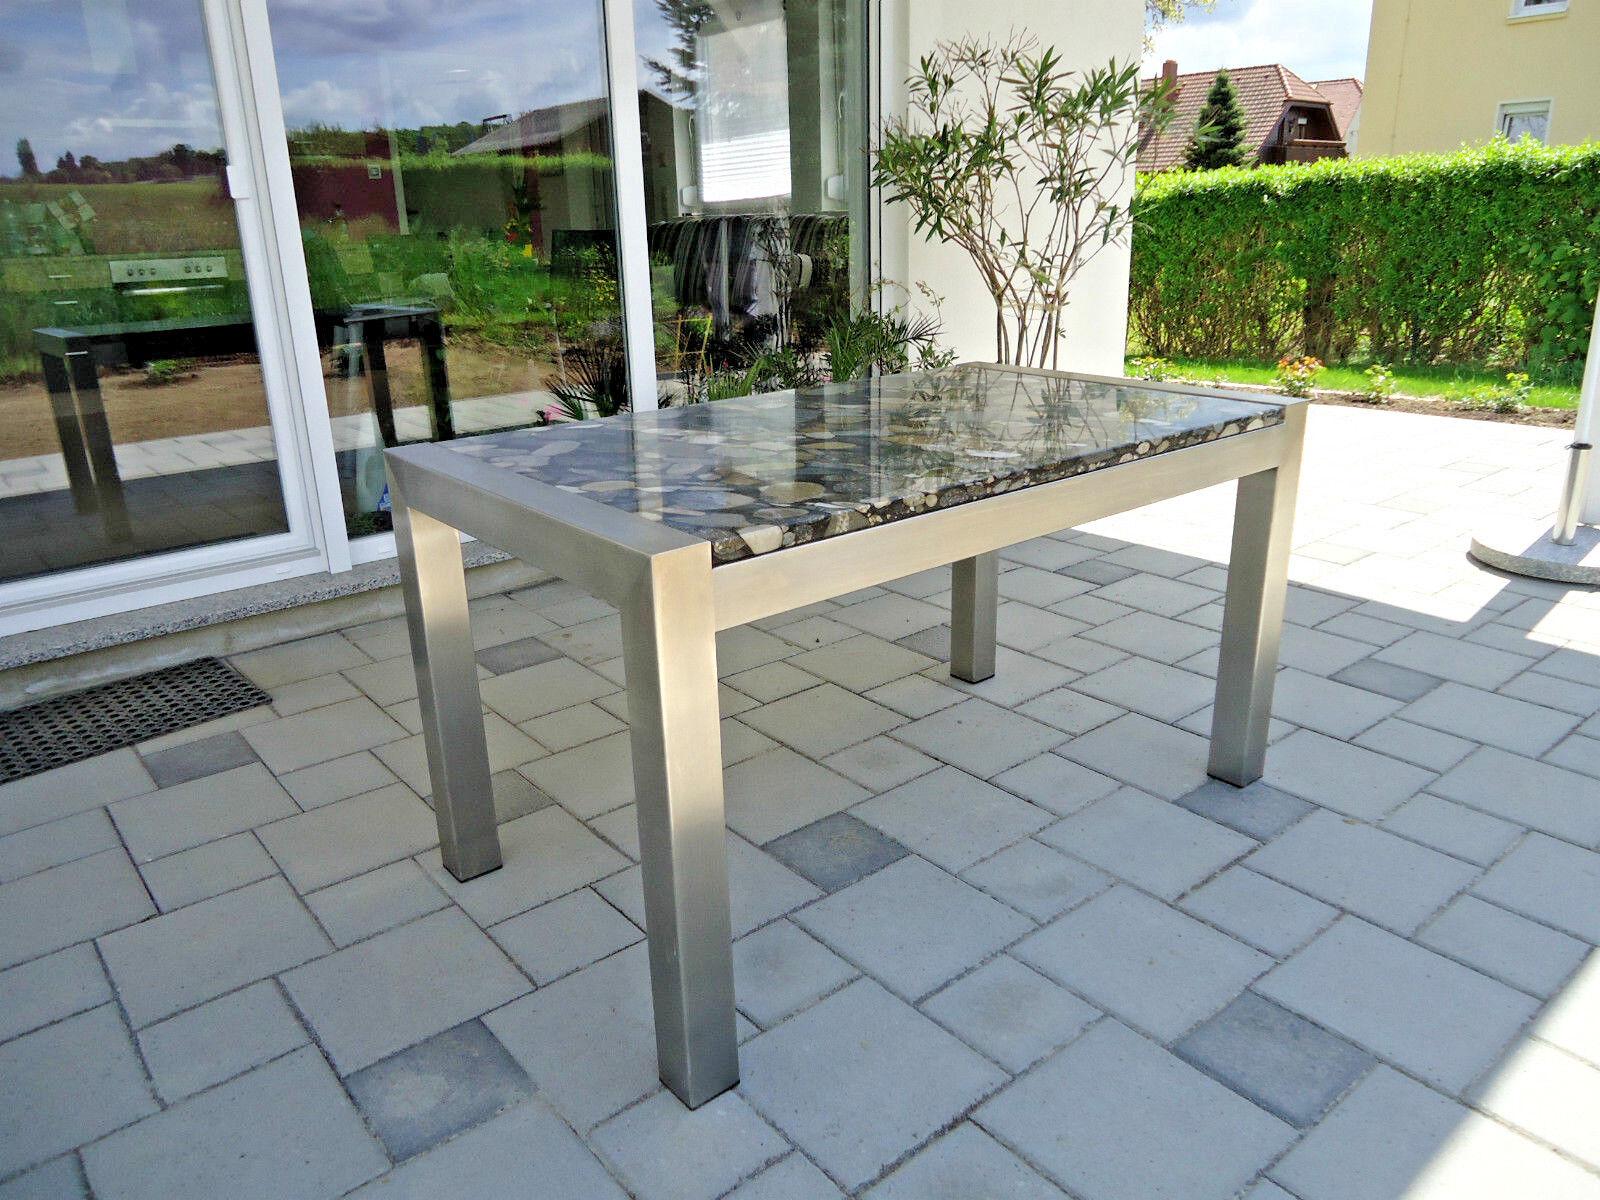 Gartentisch Steinplatte Test Vergleich Gartentisch Steinplatte